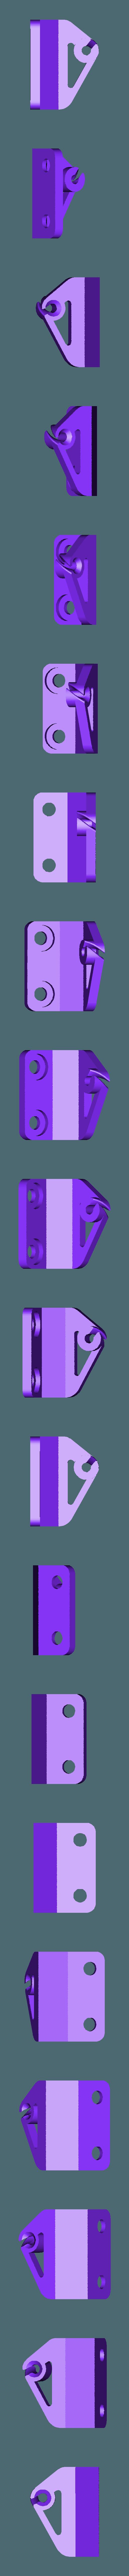 Filament_guide.stl Télécharger fichier STL gratuit Guide filamentaire - Anet A8 • Objet pour imprimante 3D, LCLL